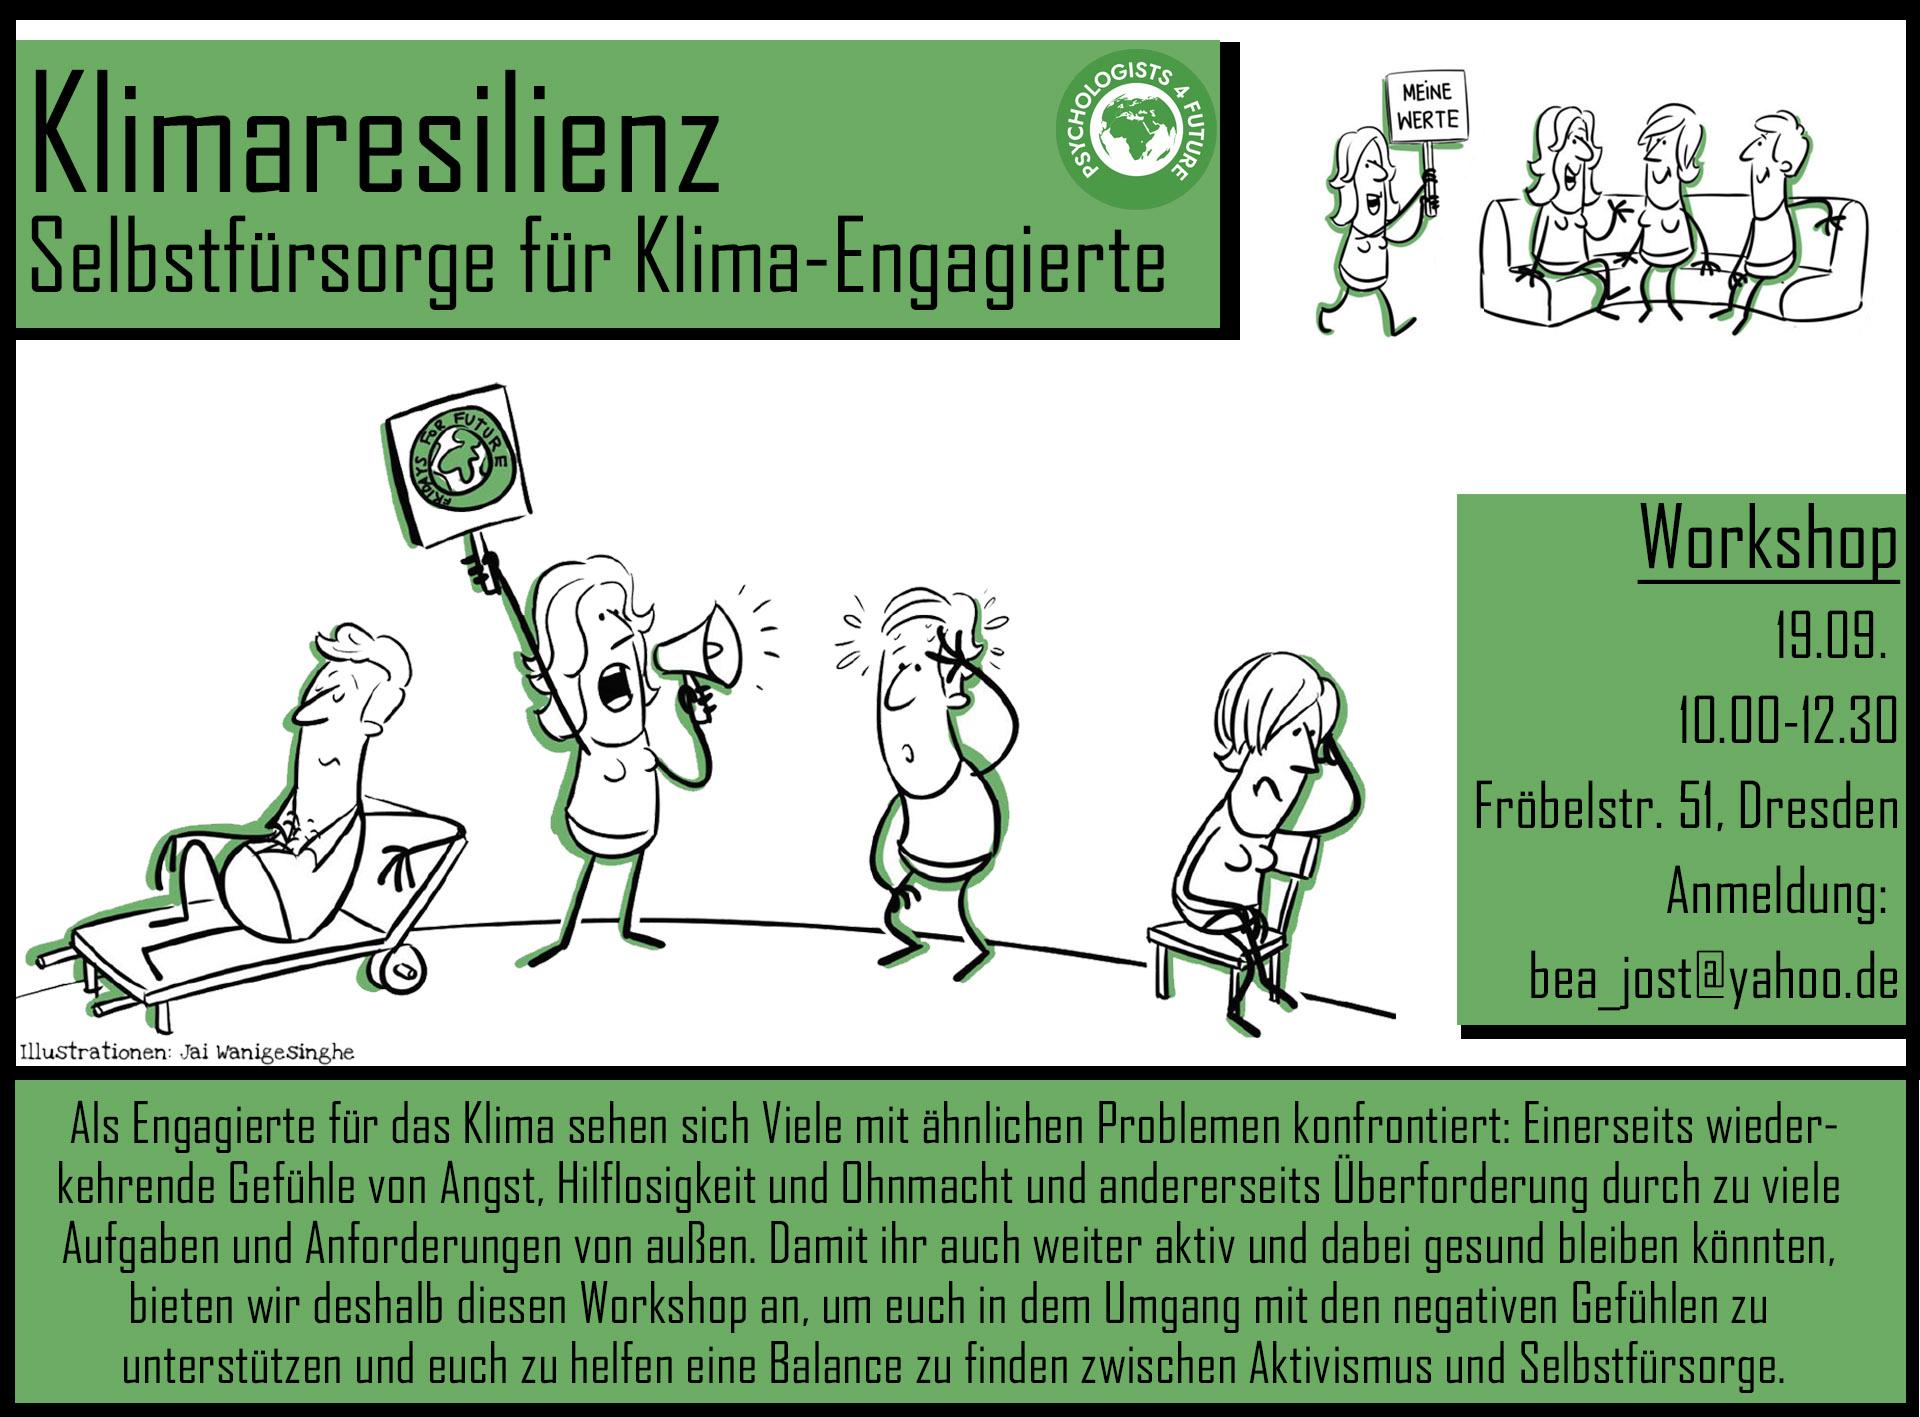 Klimaresilienz: Selbstfürsorge für Klima-Engagierte